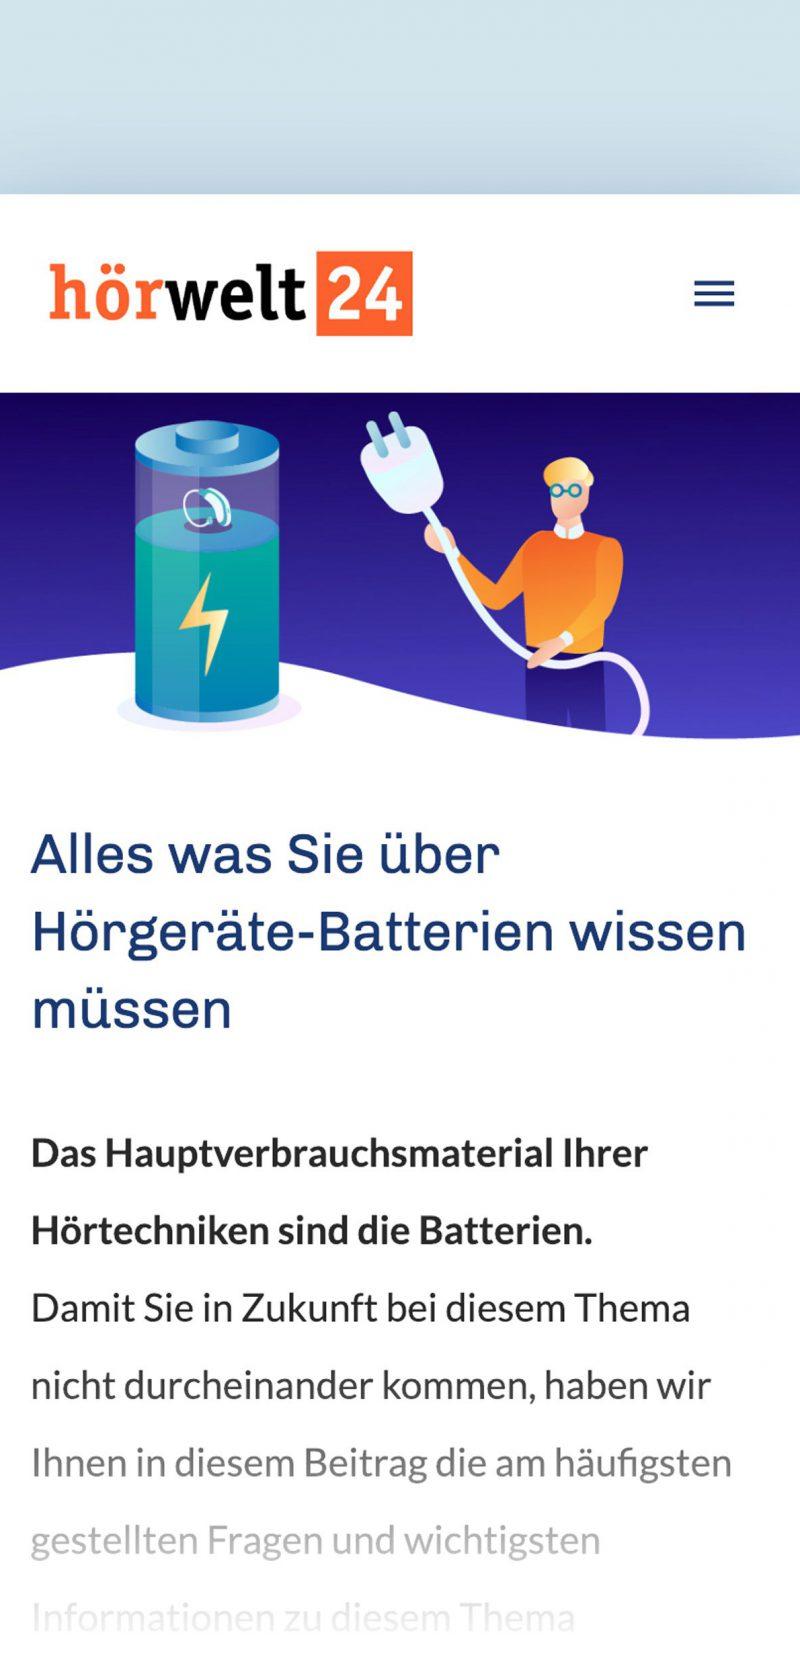 hörwelt24